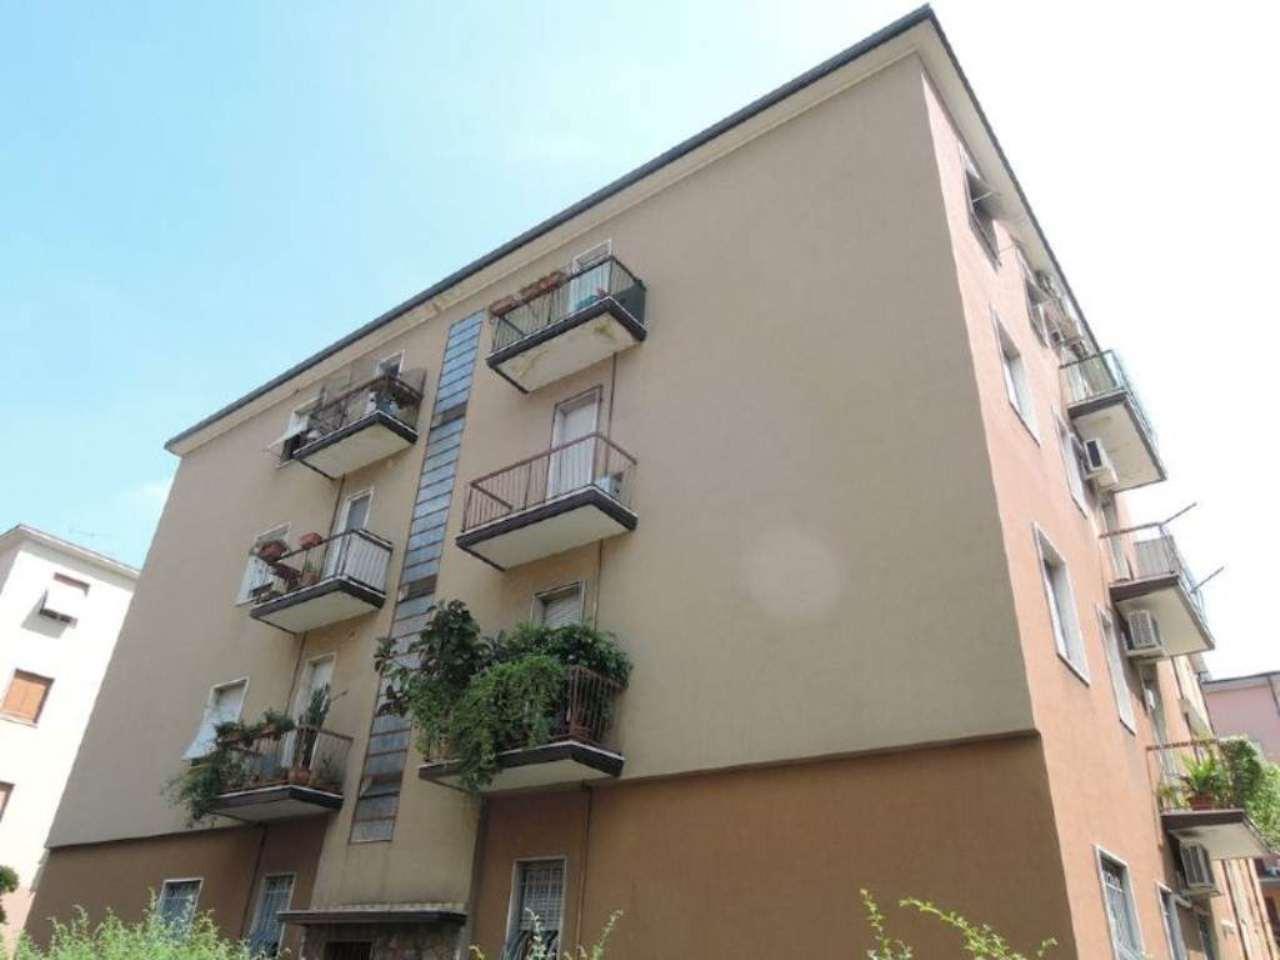 Appartamento in affitto a Brescia, 3 locali, prezzo € 600 | Cambio Casa.it